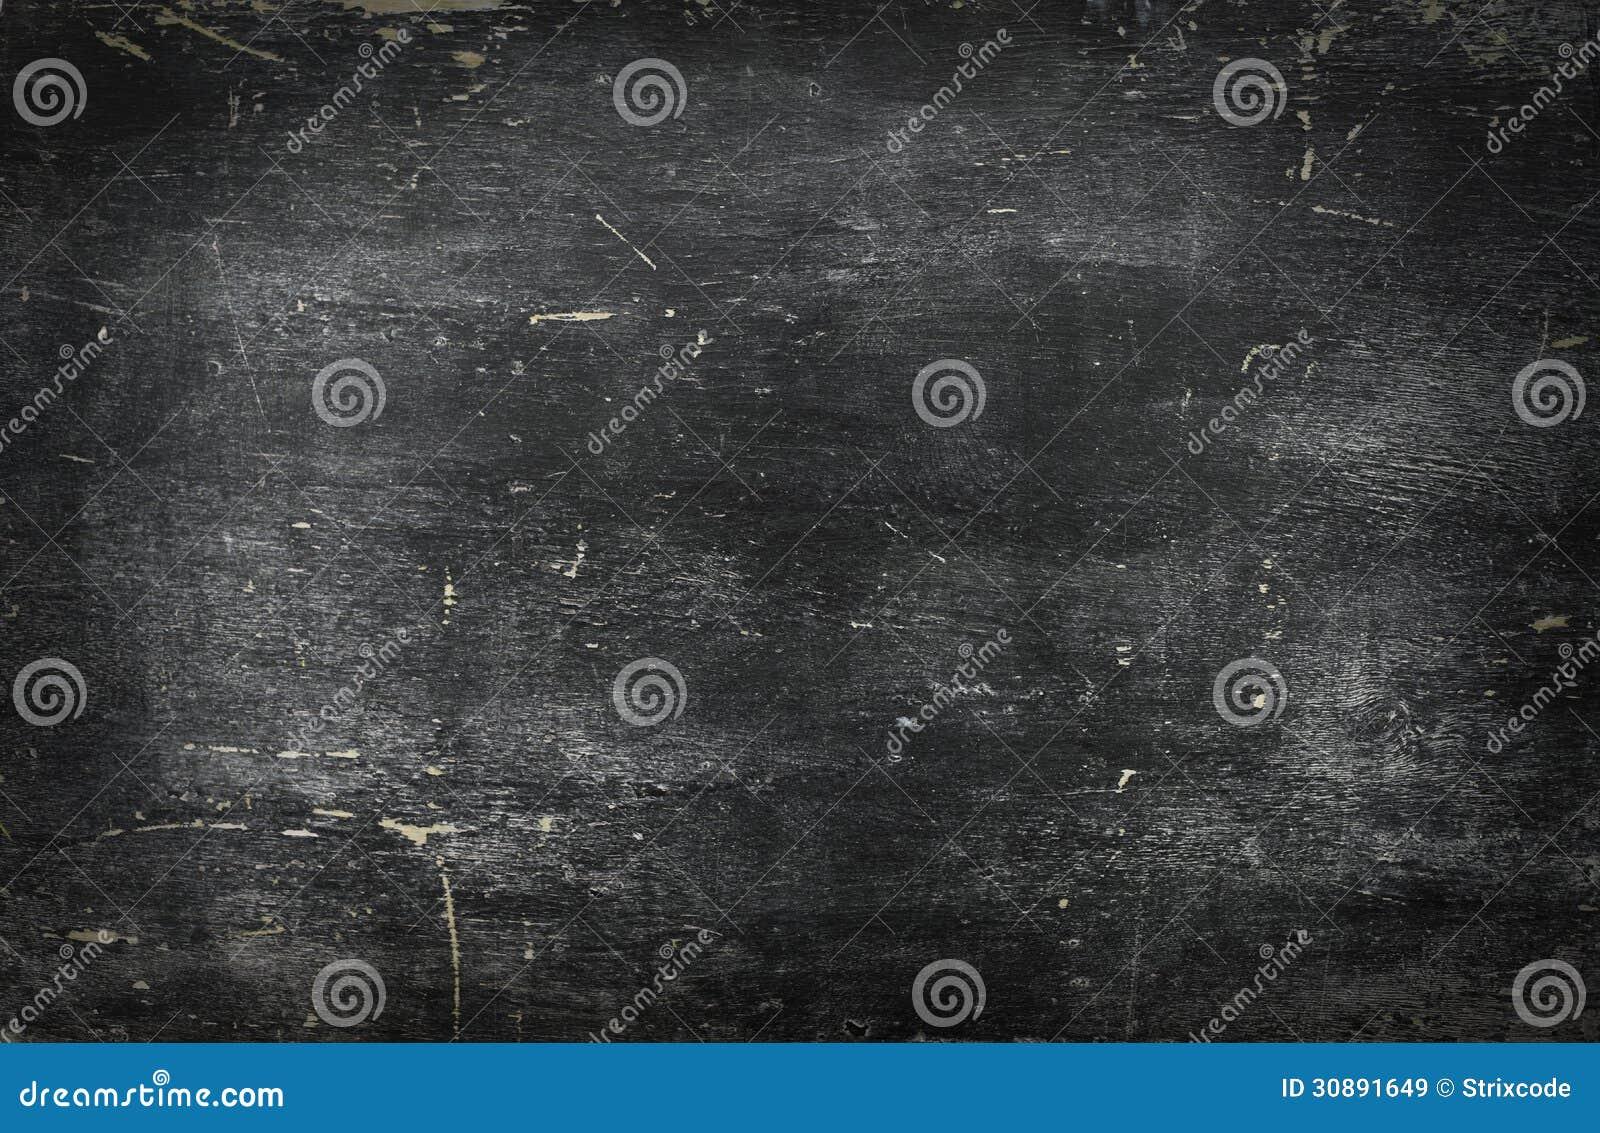 Tableau noir vide vide avec des traces de craie images for Tableau noir craie